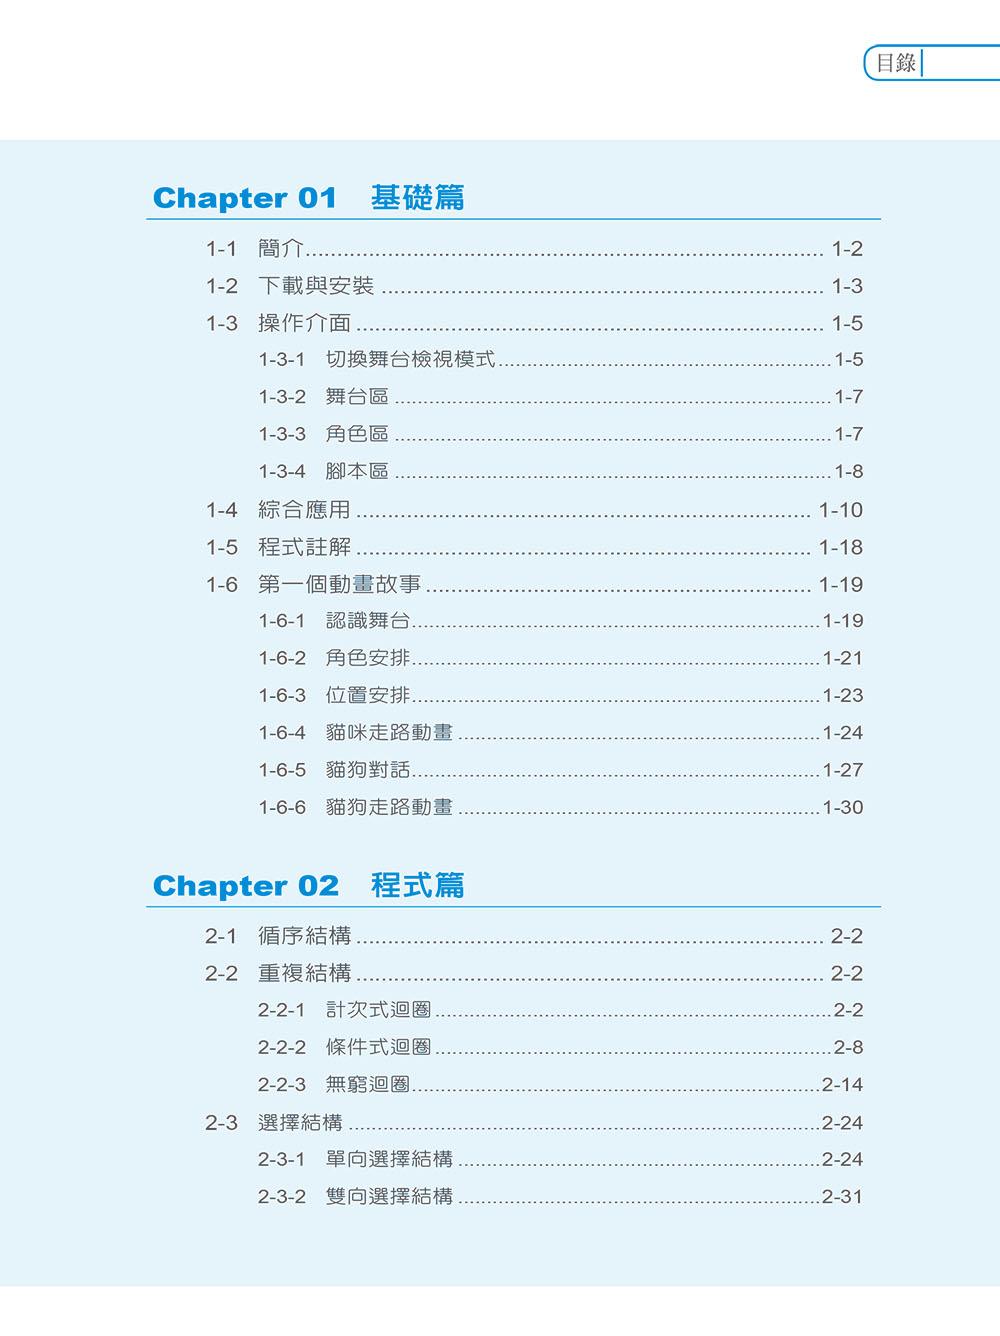 http://im2.book.com.tw/image/getImage?i=http://www.books.com.tw/img/001/070/34/0010703424_bi_01.jpg&v=5694f1de&w=655&h=609